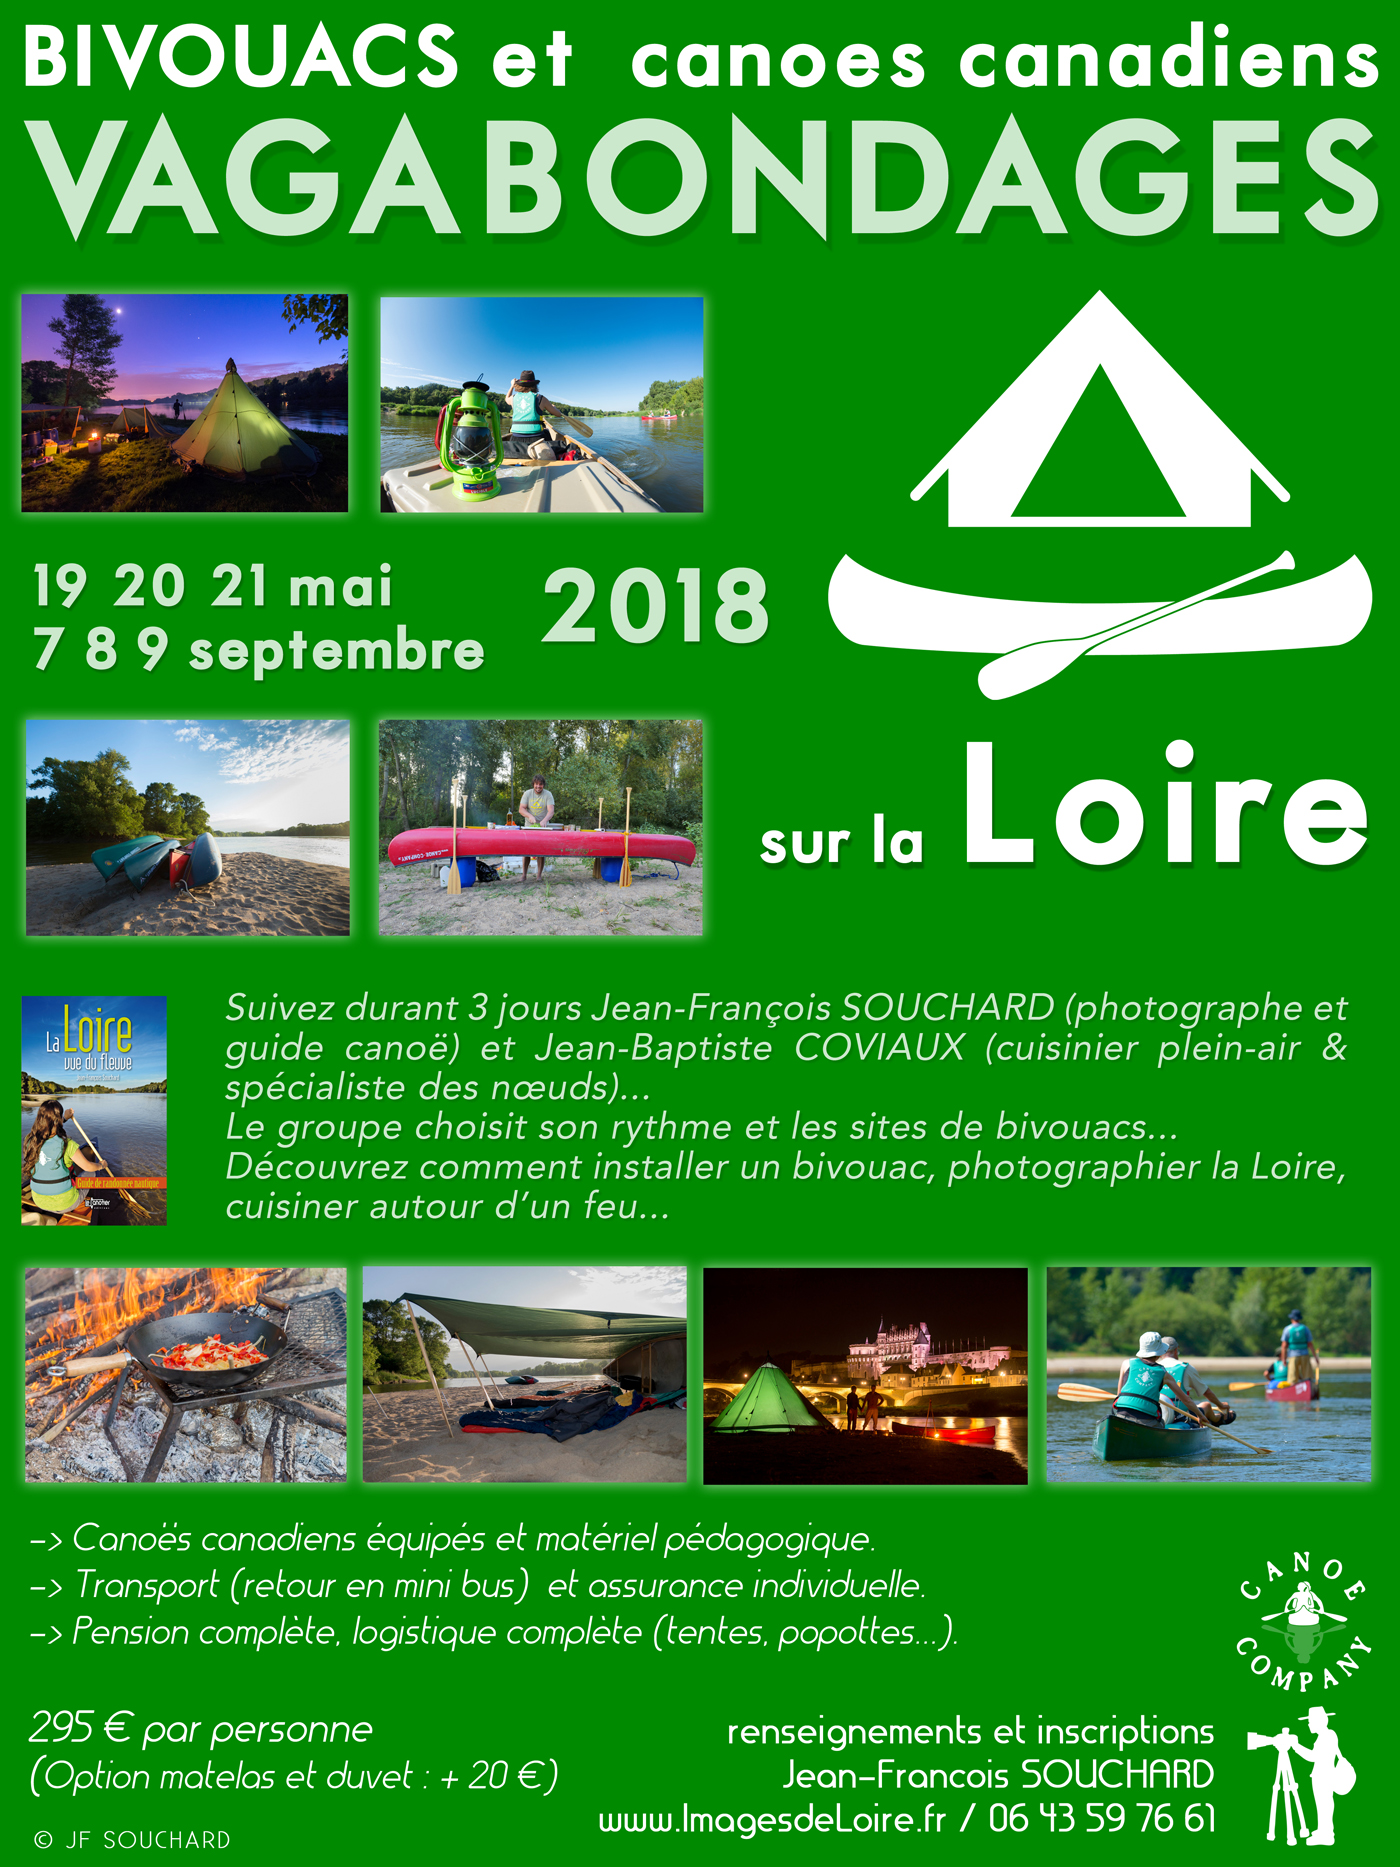 Canoës canadiens, bivouacs, vagabondages, Loire